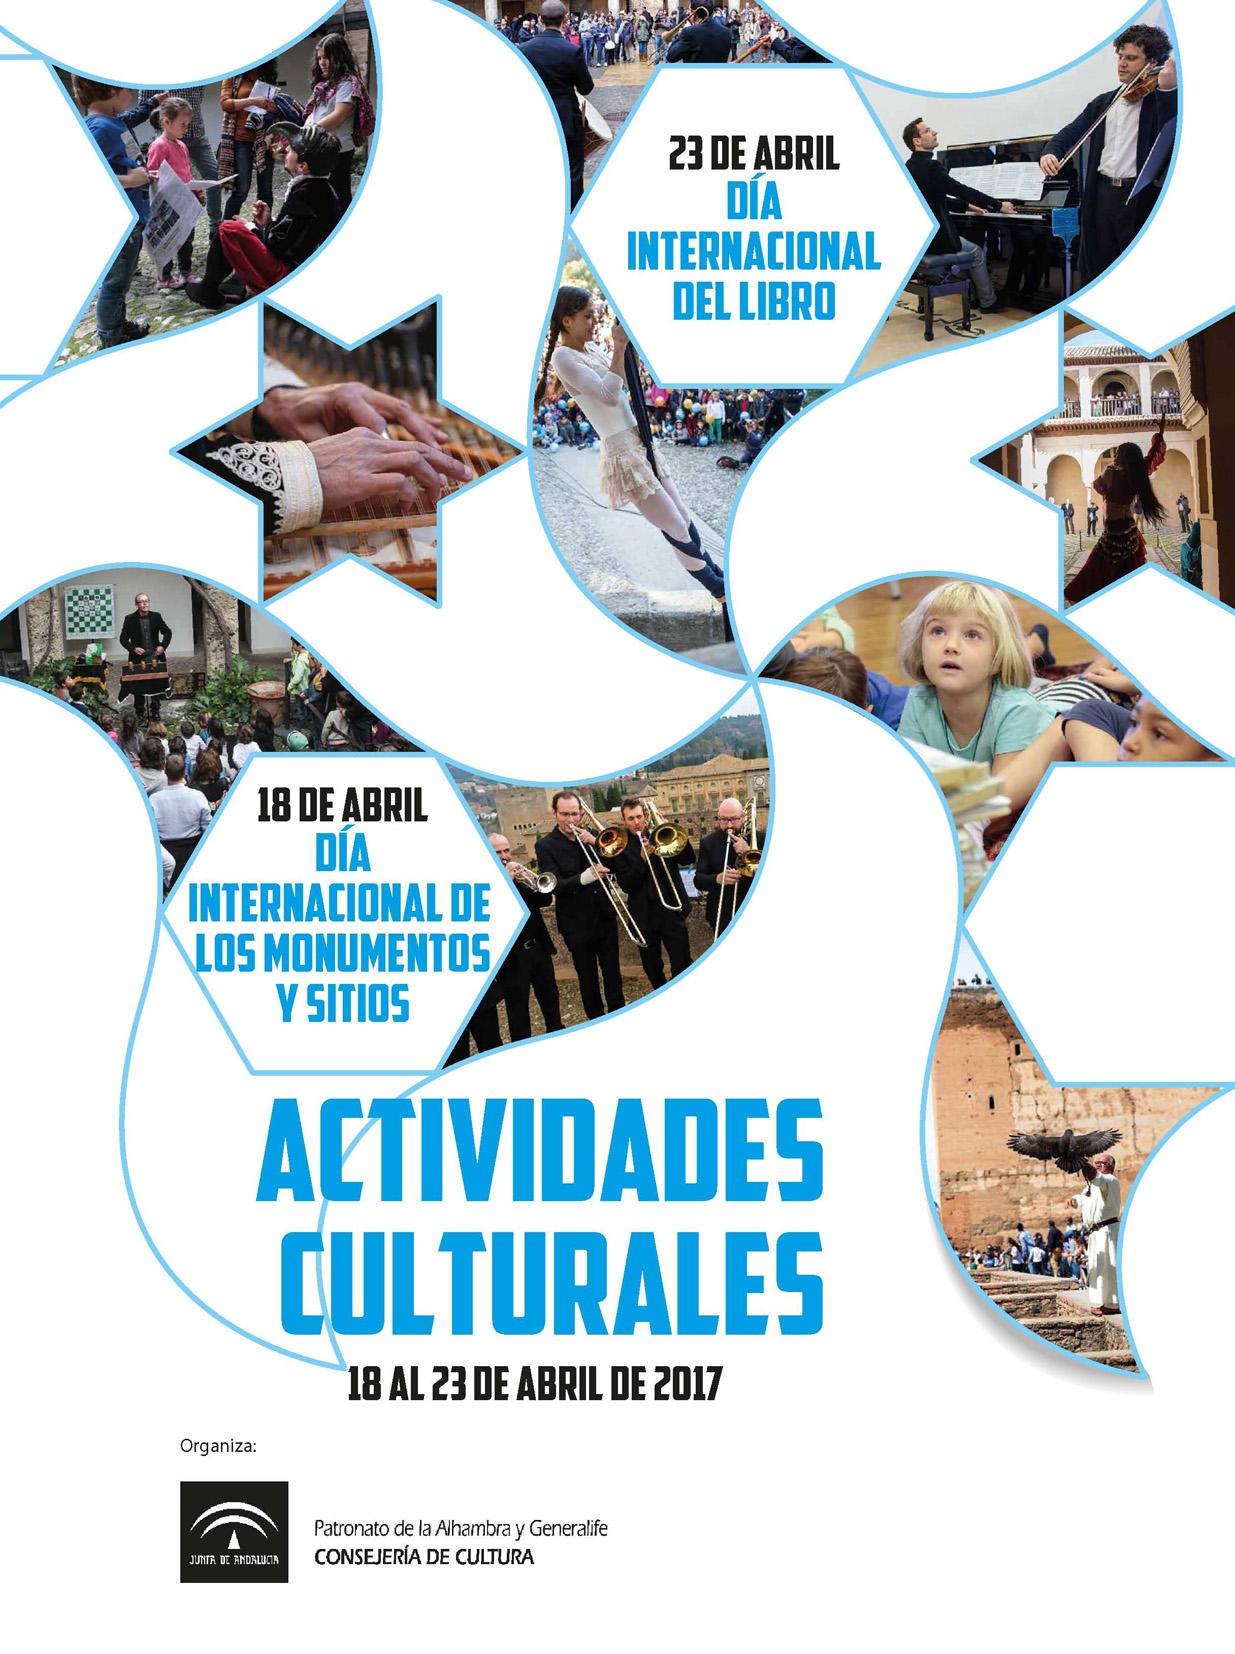 Día Internacional de los Monumentos y Sitios - Día Internacional del Libro